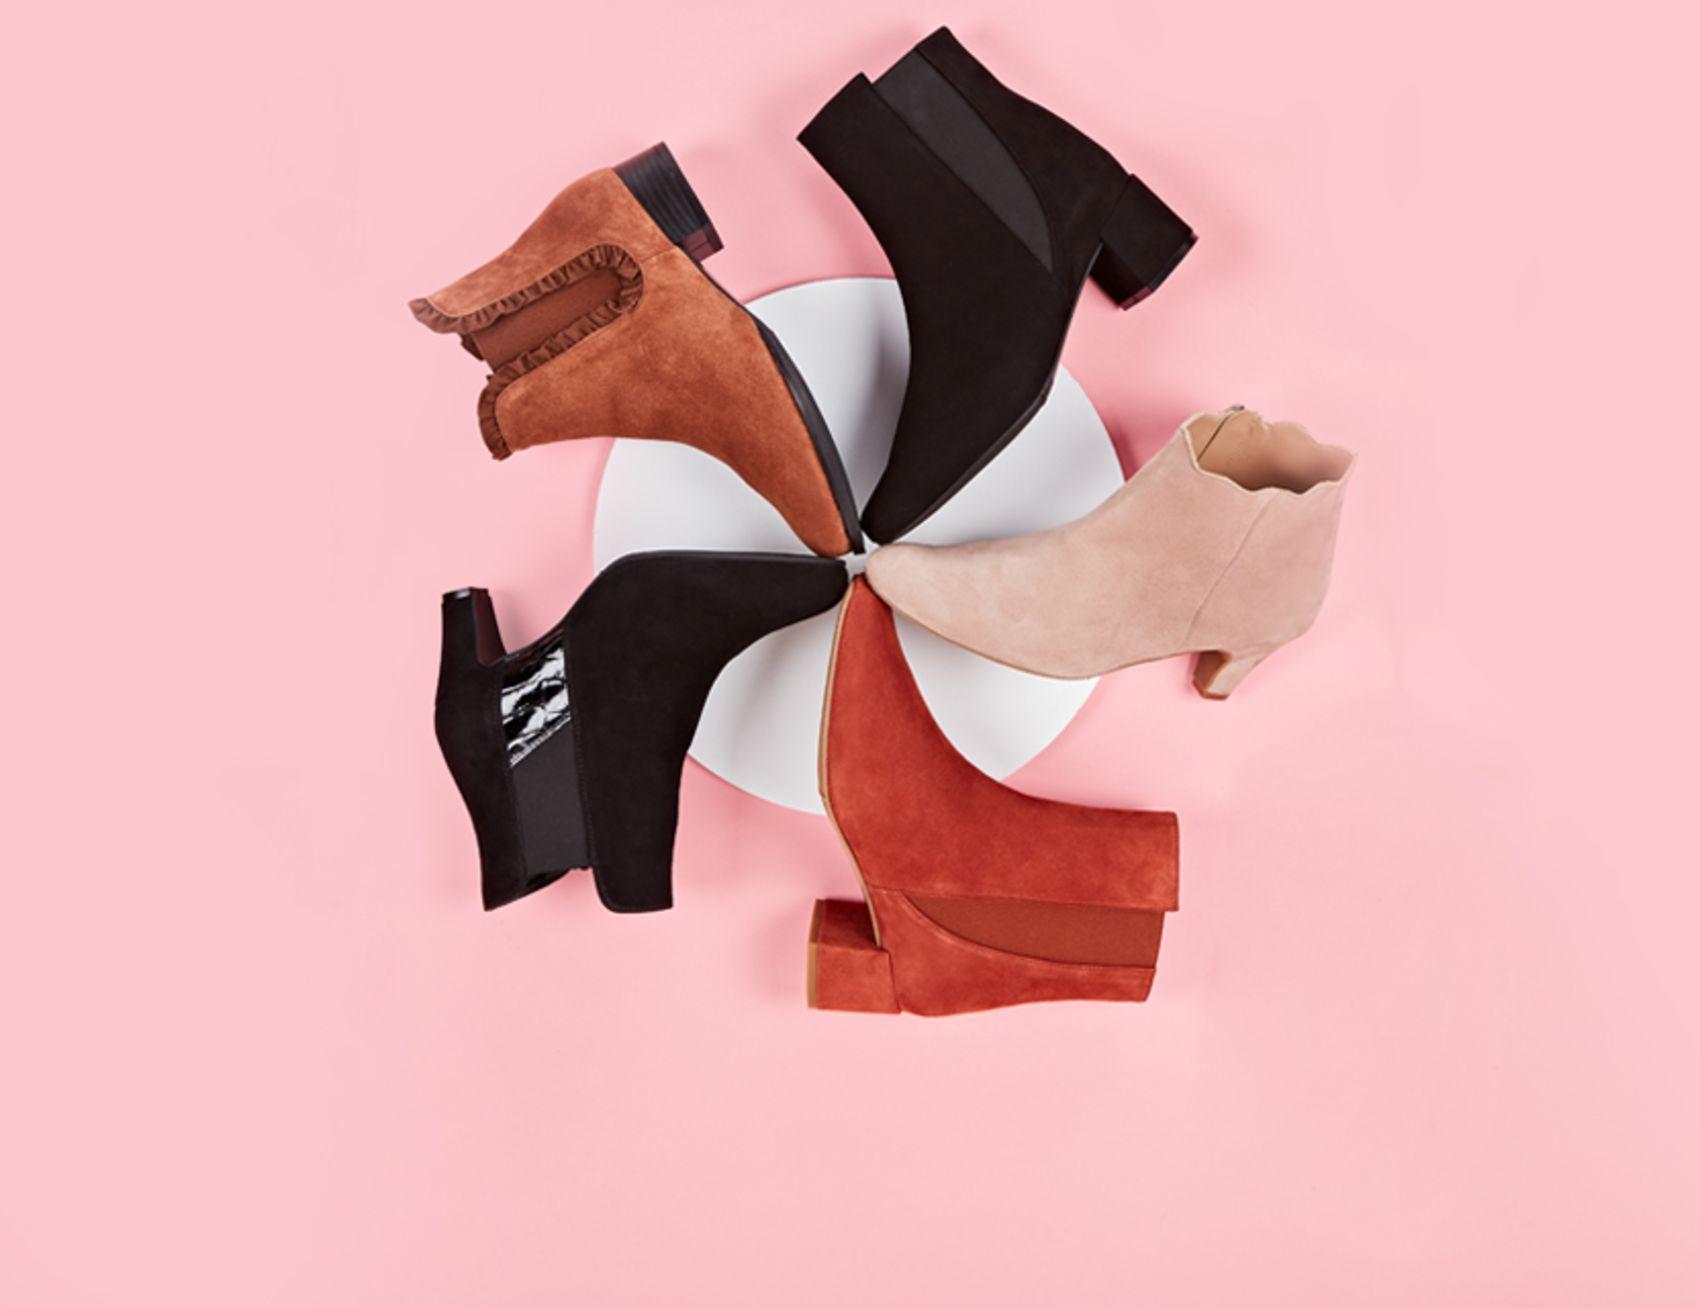 LaShoes Stiefeletten in verschiedenen Farben passend zu jedem Outfit